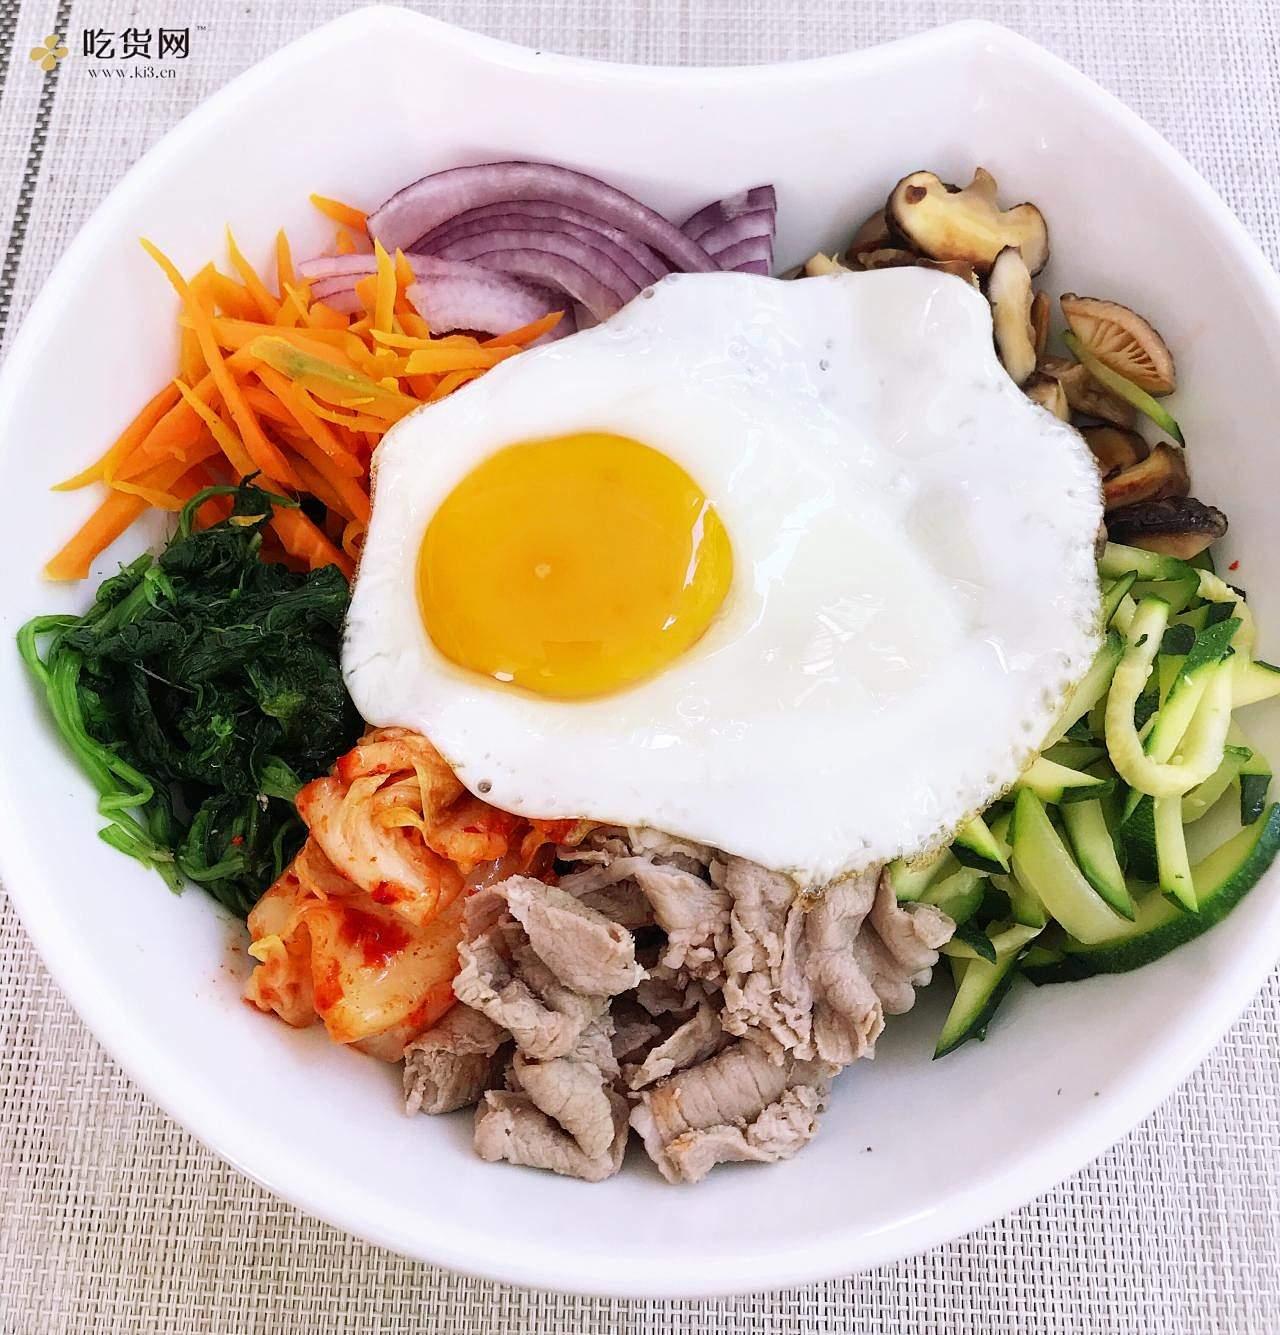 清爽开胃韩式拌饭(健康减脂糙米)拌凉面(荞麦面)的做法 步骤2